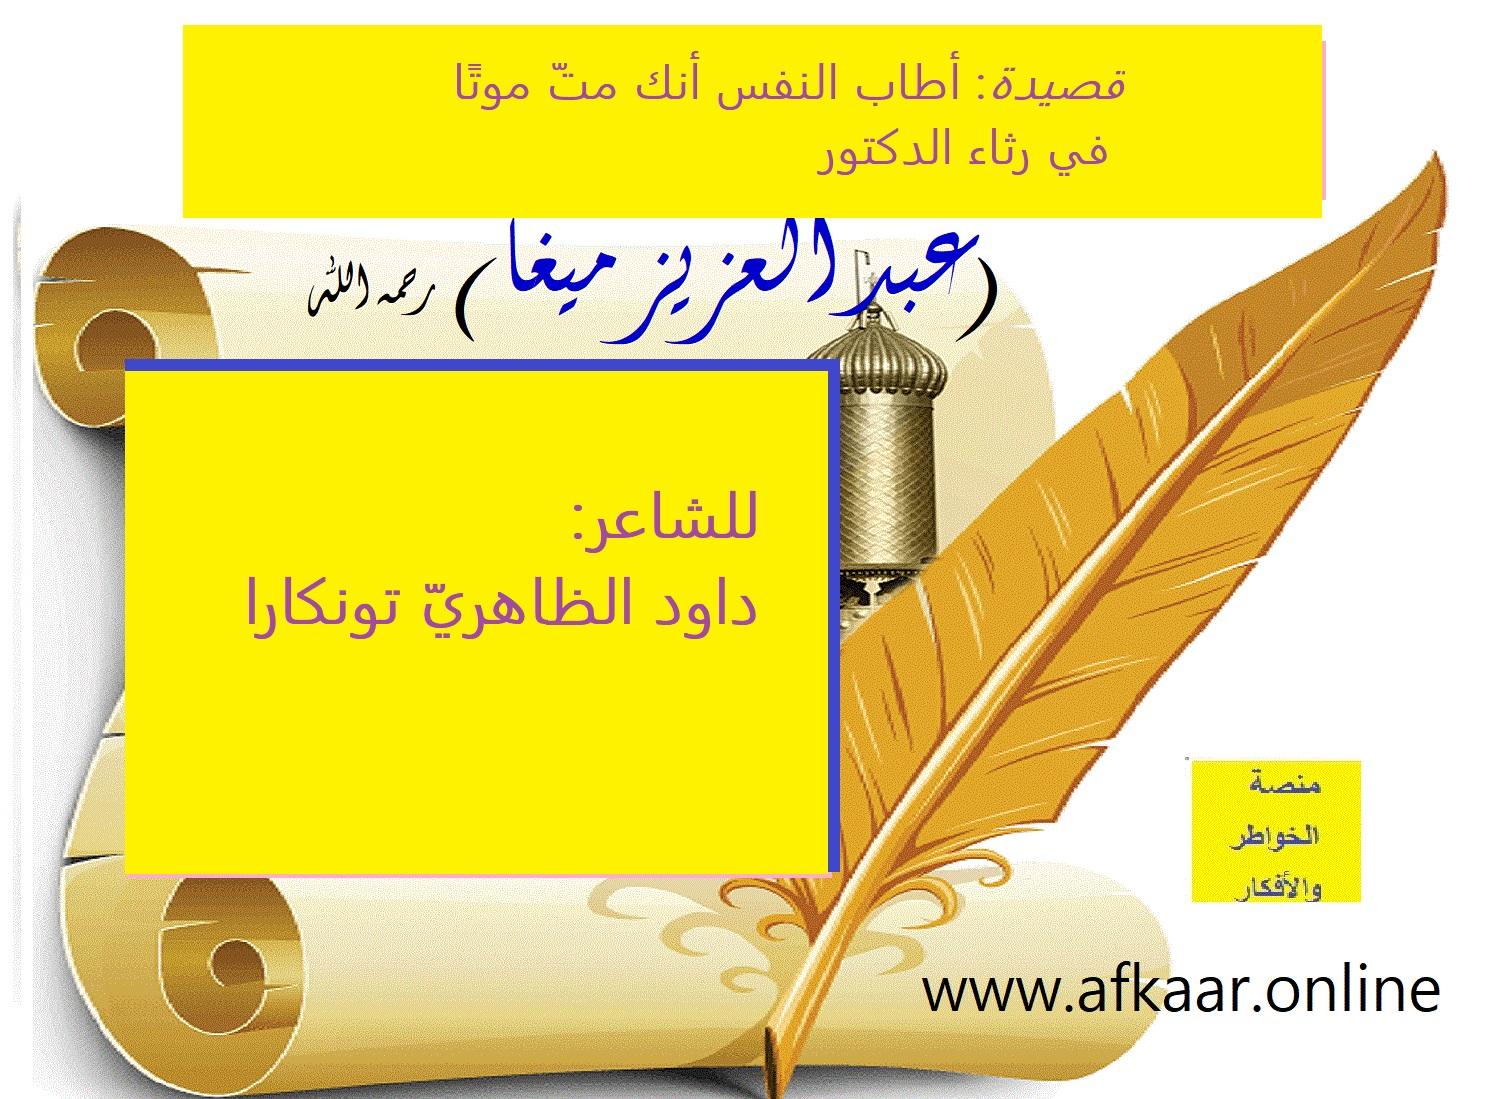 قصيدة: أطاب النفس أنك متّ موتًاـ في رثاء الدكتور عبد العزيز ميغا